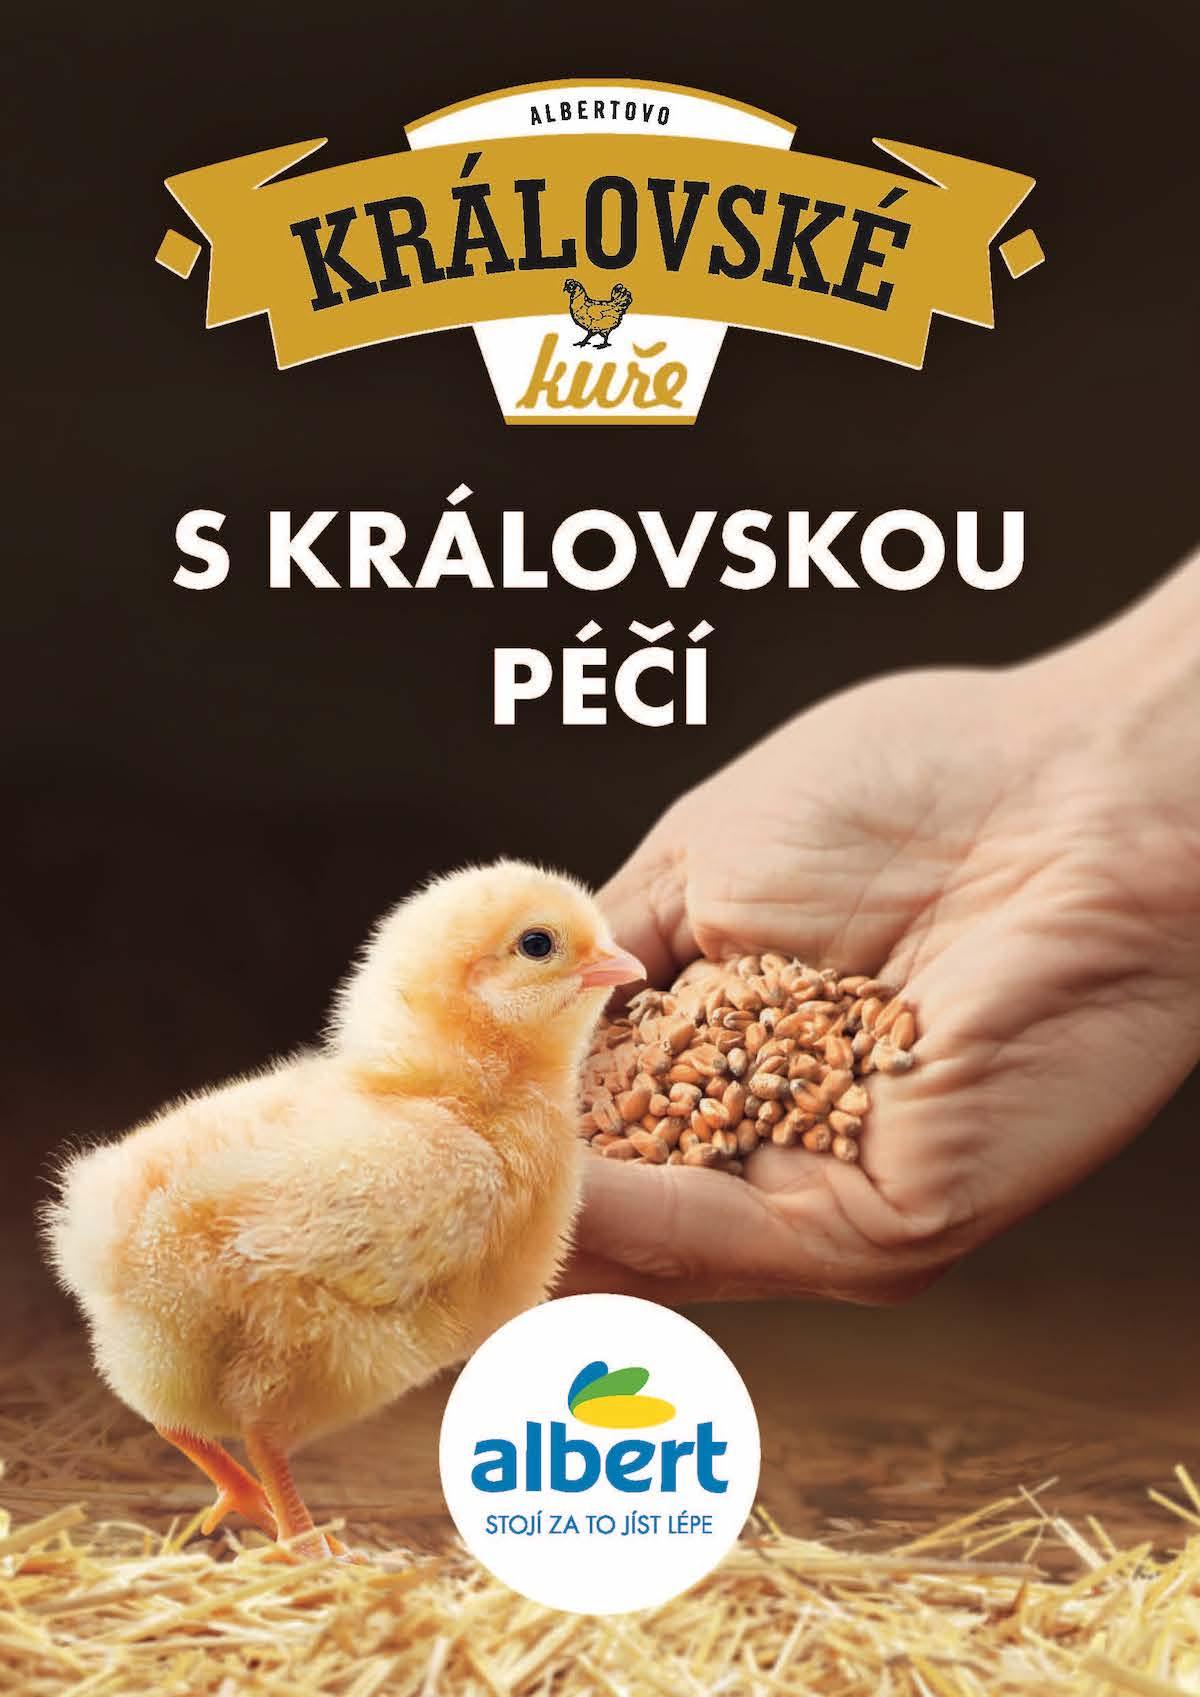 Albert: Královské kuře (VCCP)